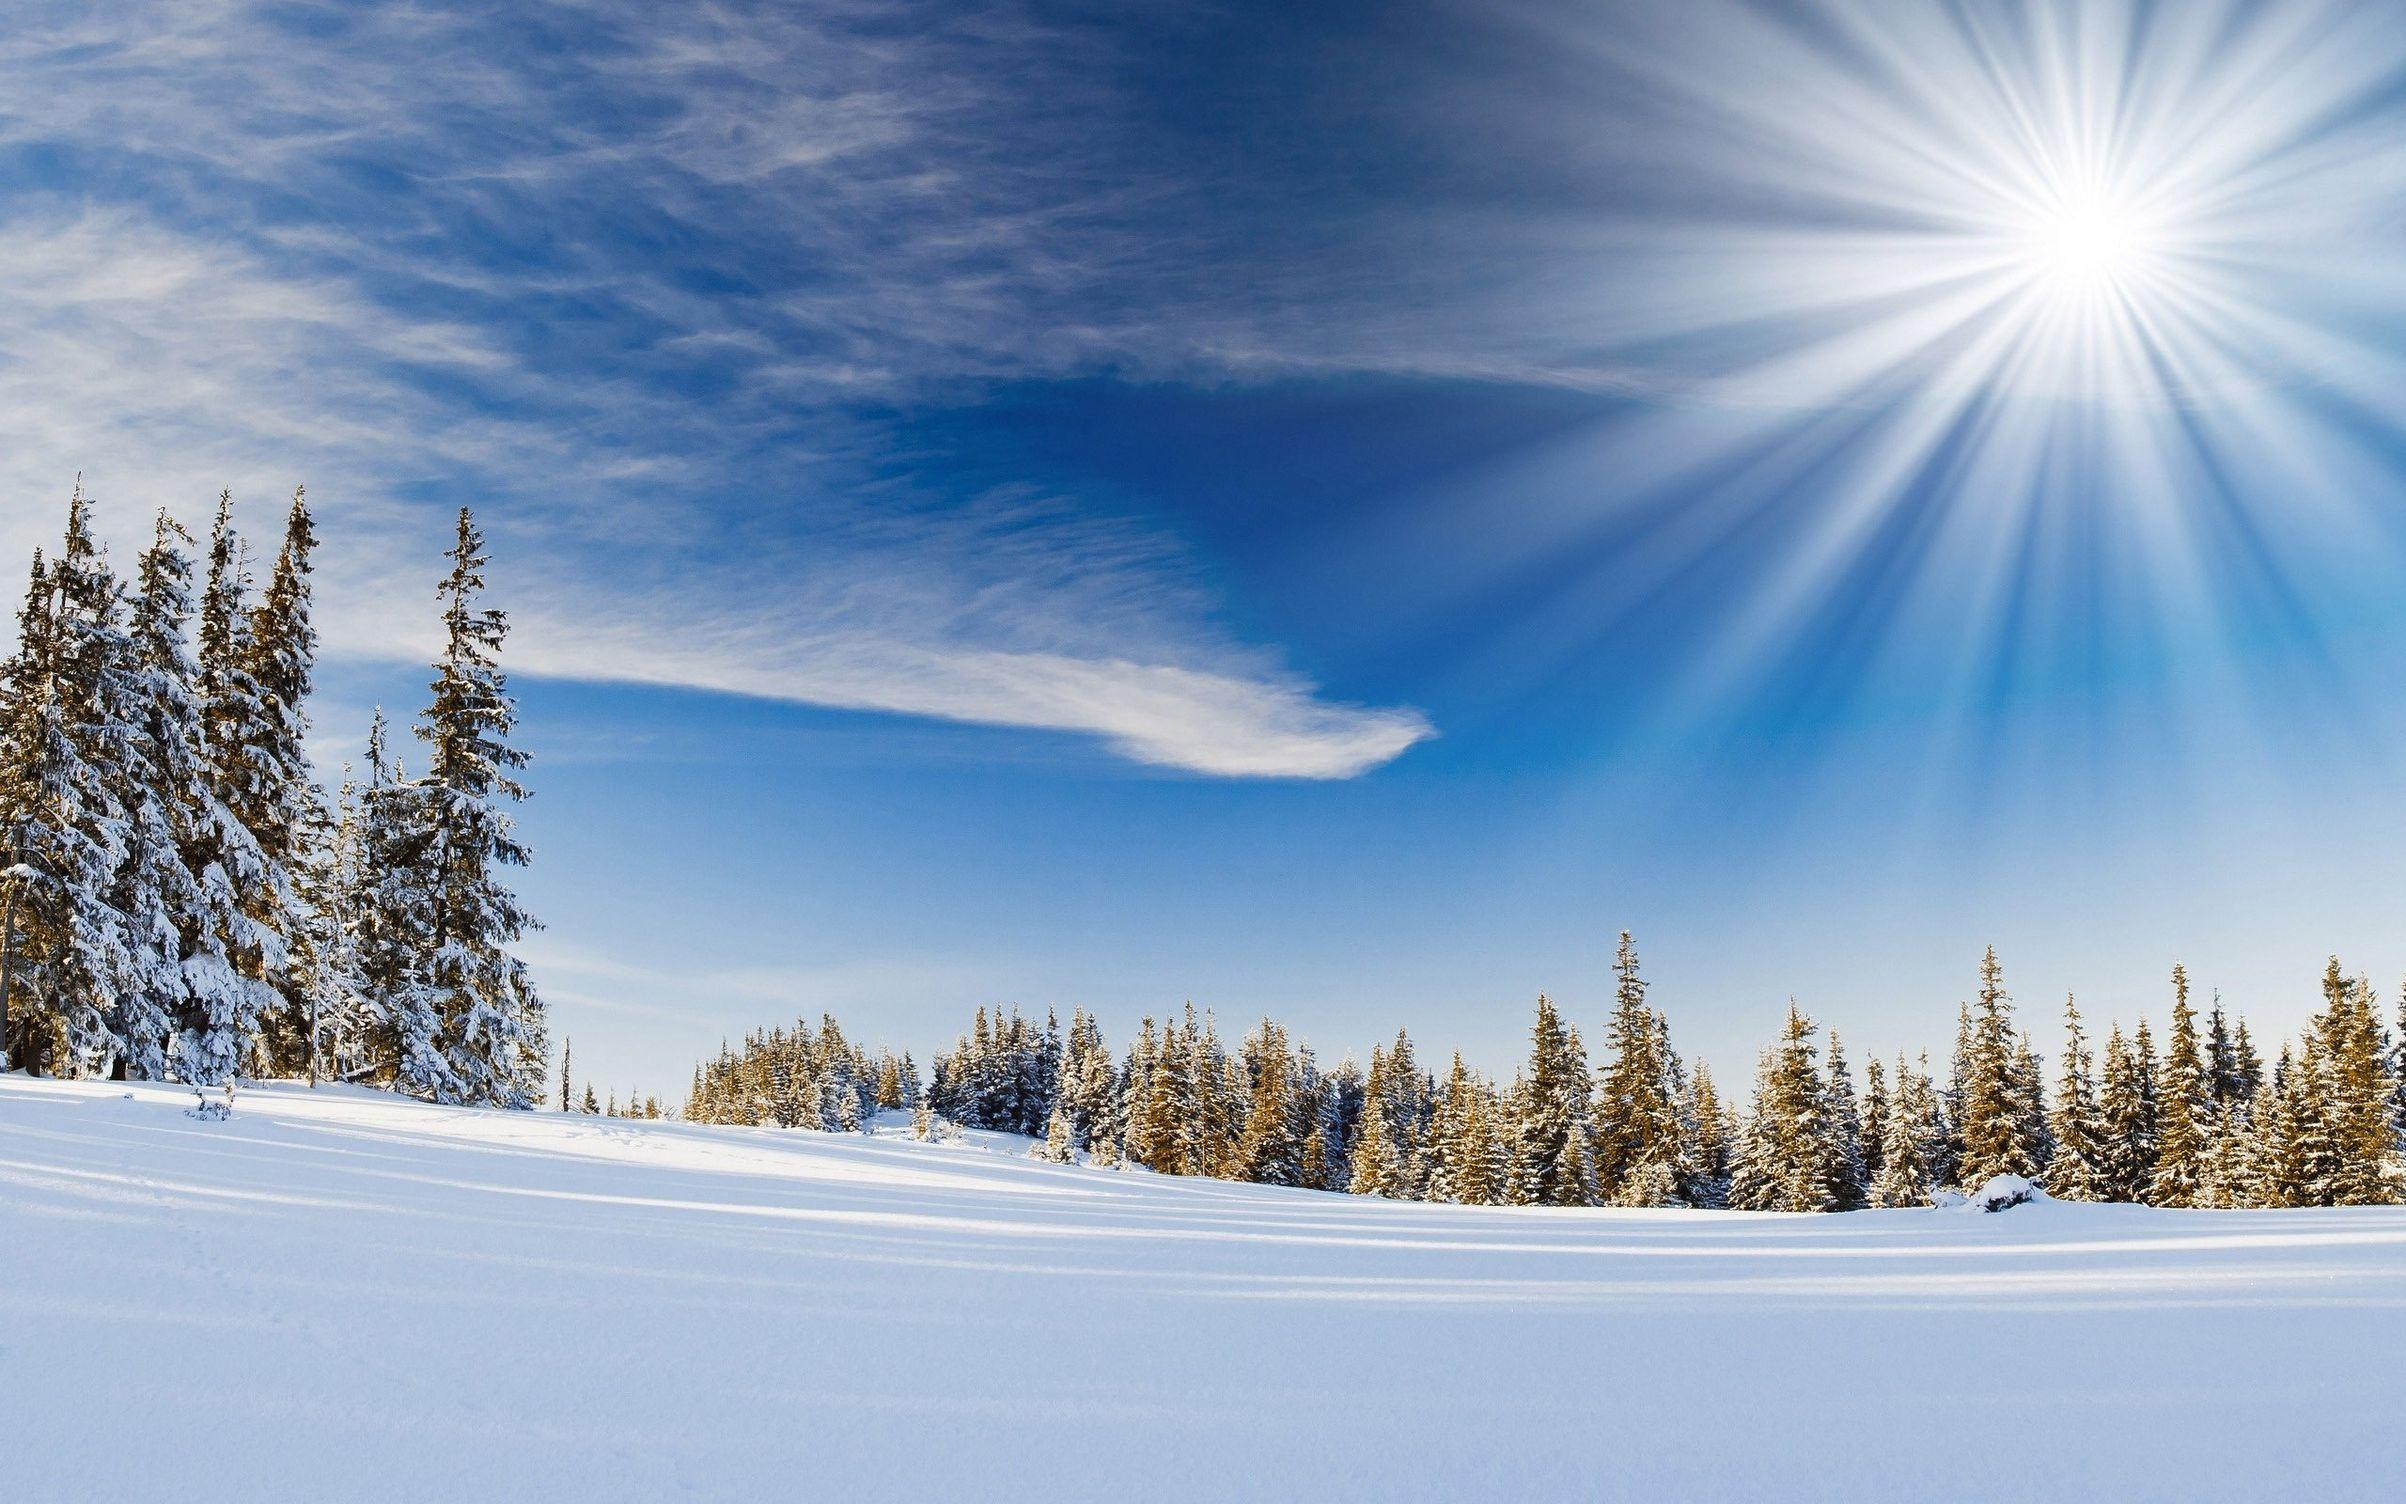 Идеальная погода. Синоптики рассказали о предновогоднем уик-энде в Челябинской области